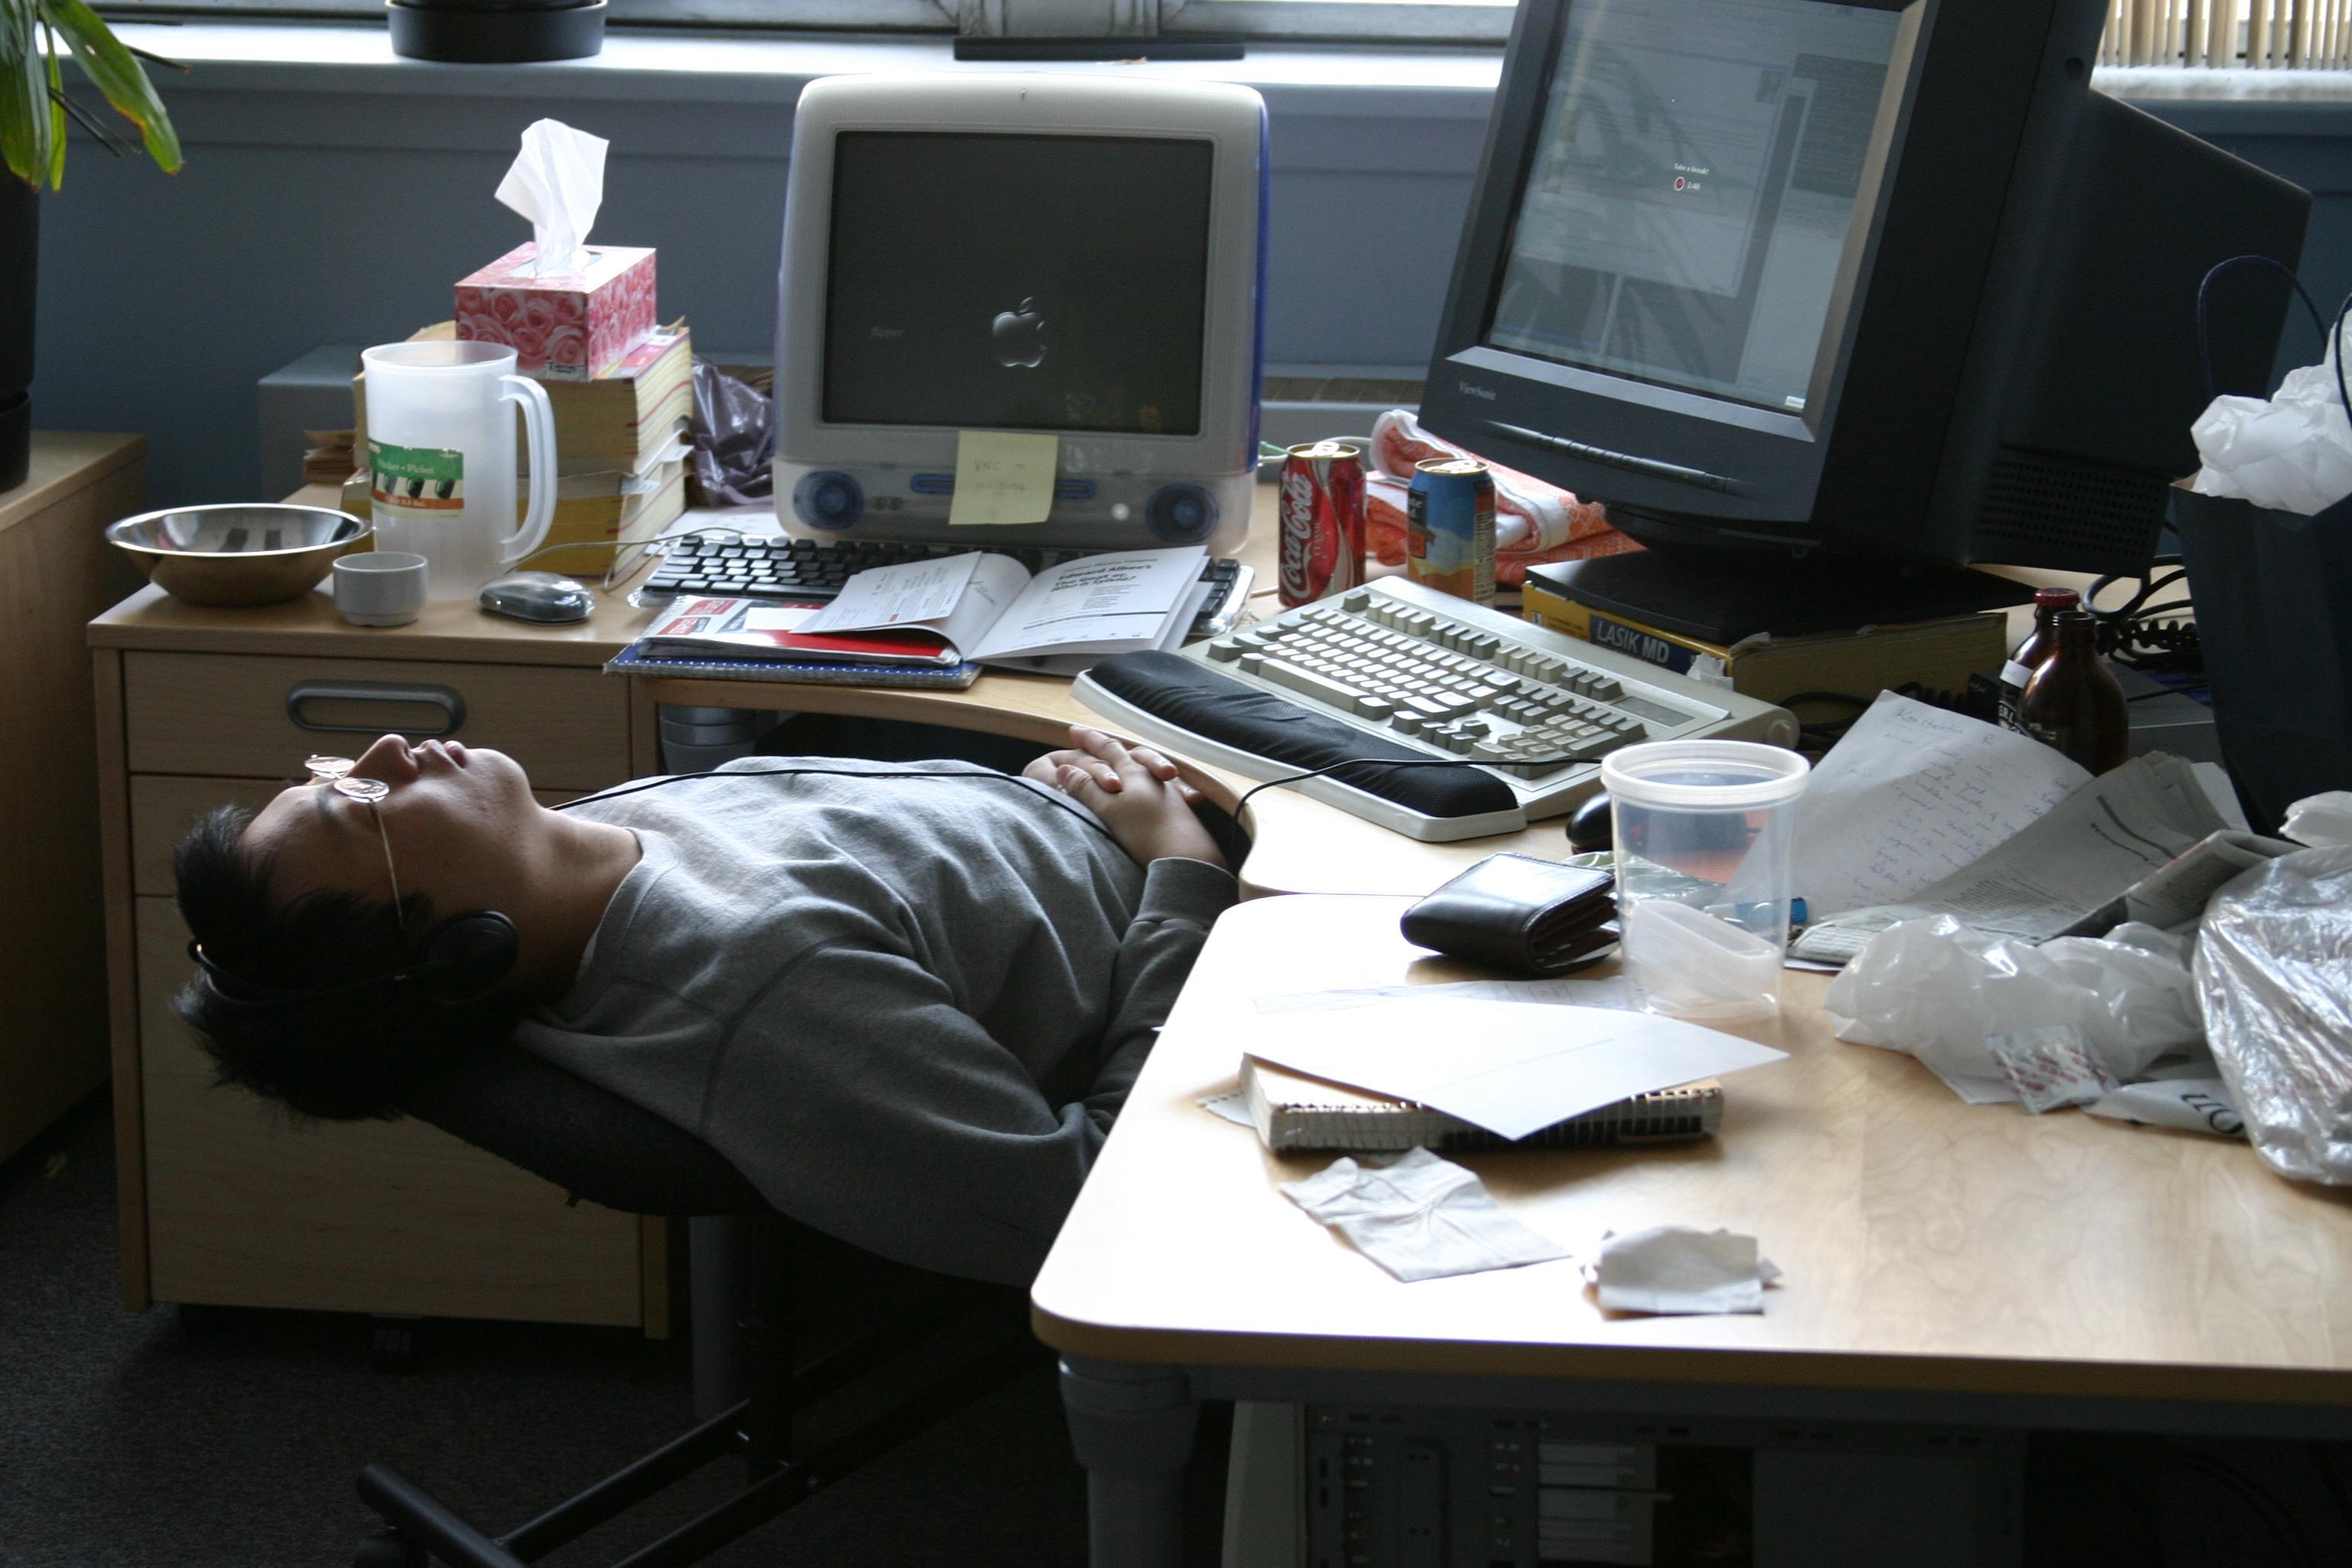 werken slecht voor je gezondheid